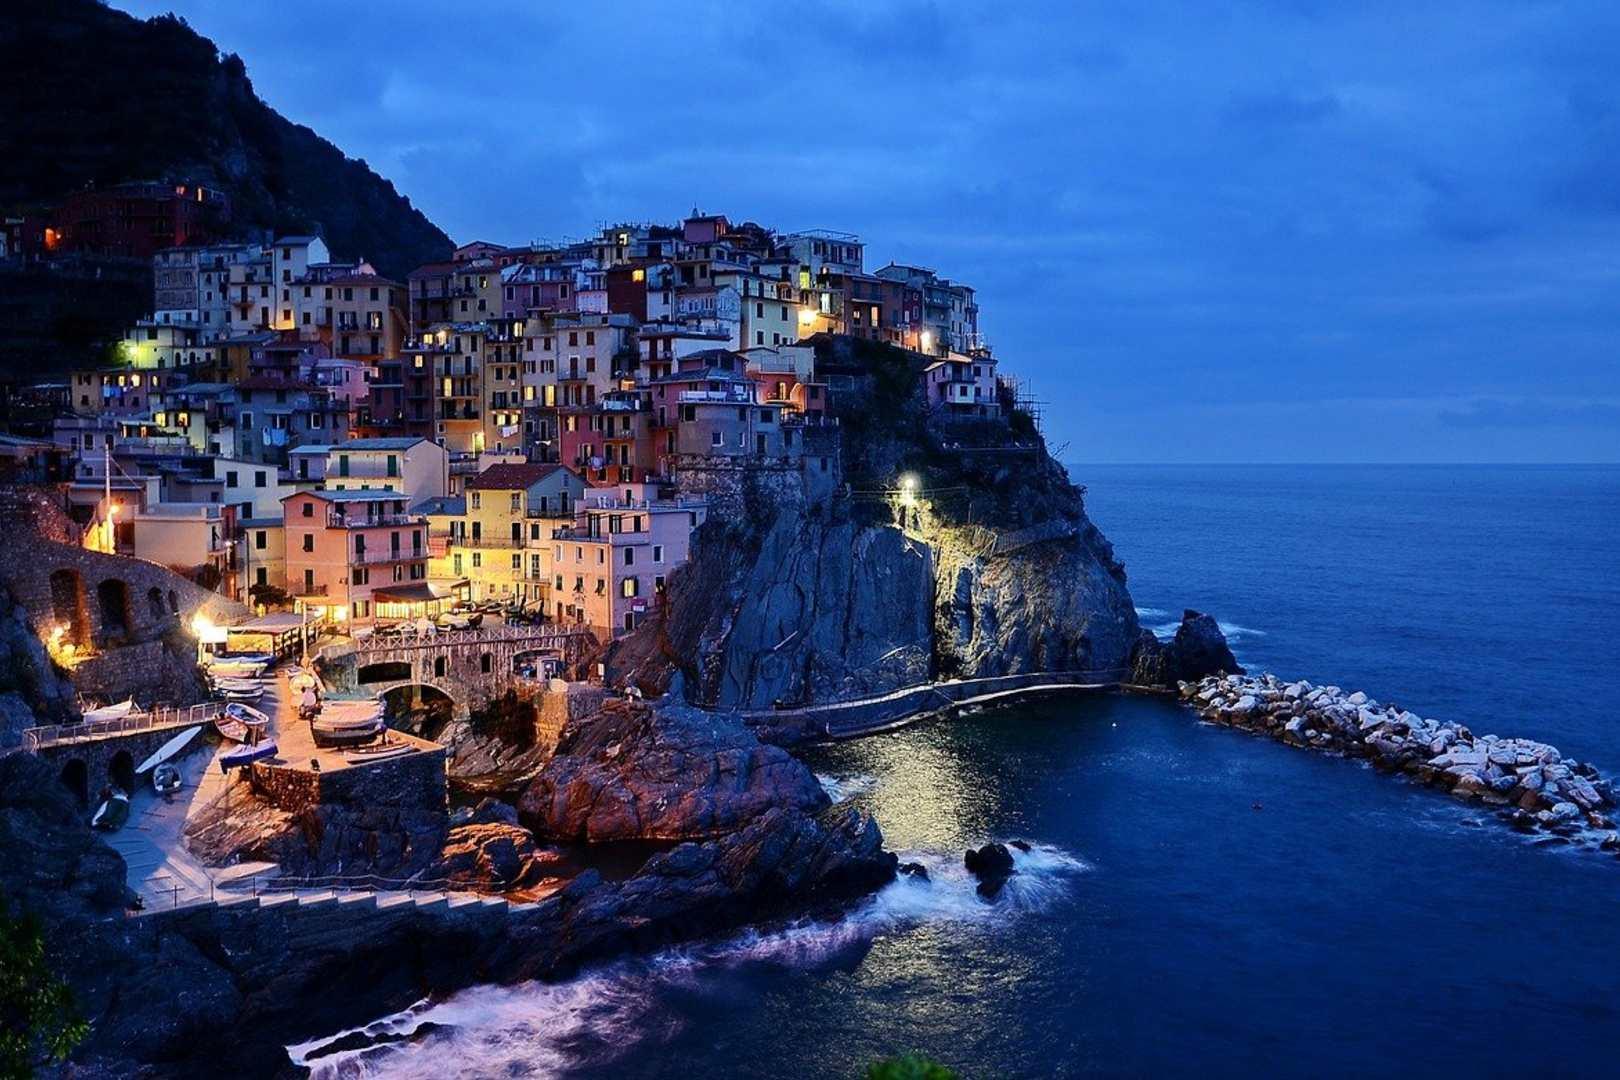 Włochy chcą przyjmować turystów